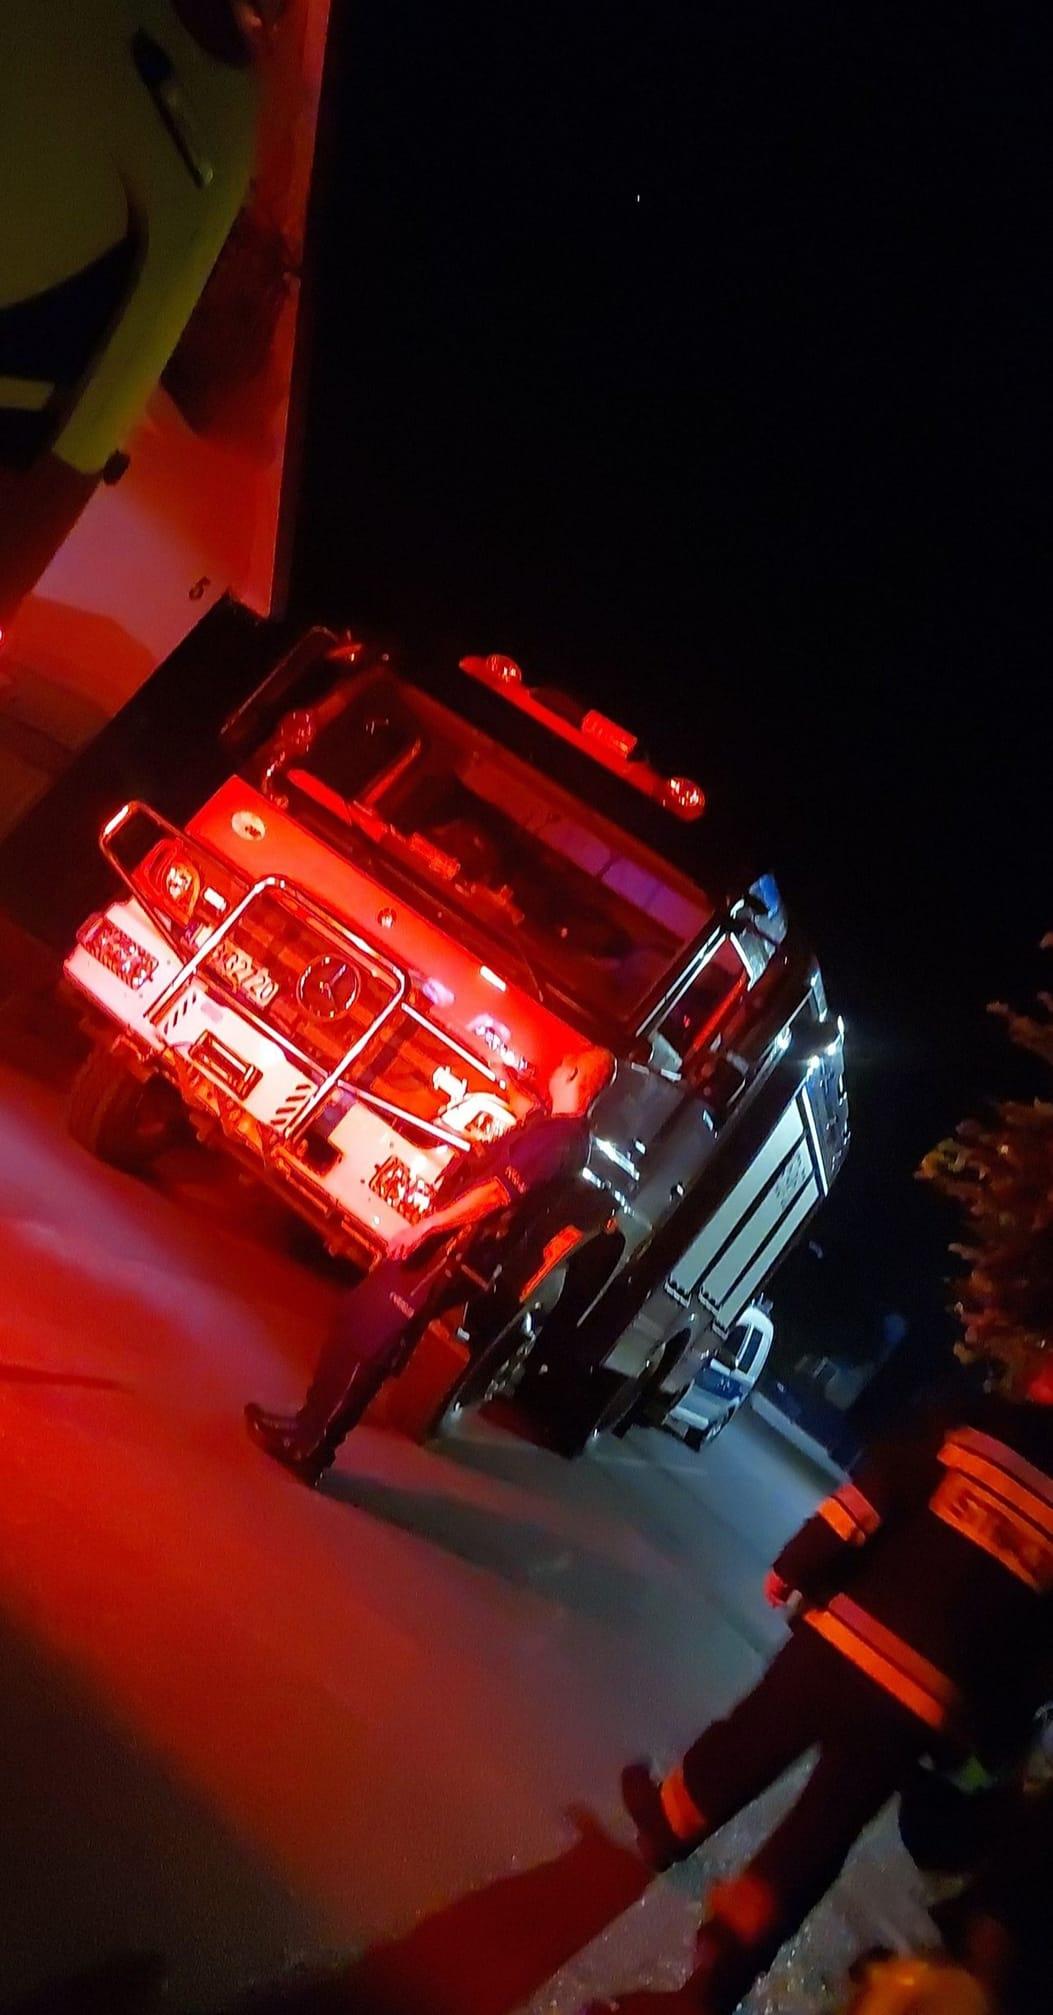 Straż pożarna i policja interweniowały w Kamionce. Mężczyzna groził, że skoczy z balkonu - Zdjęcie główne